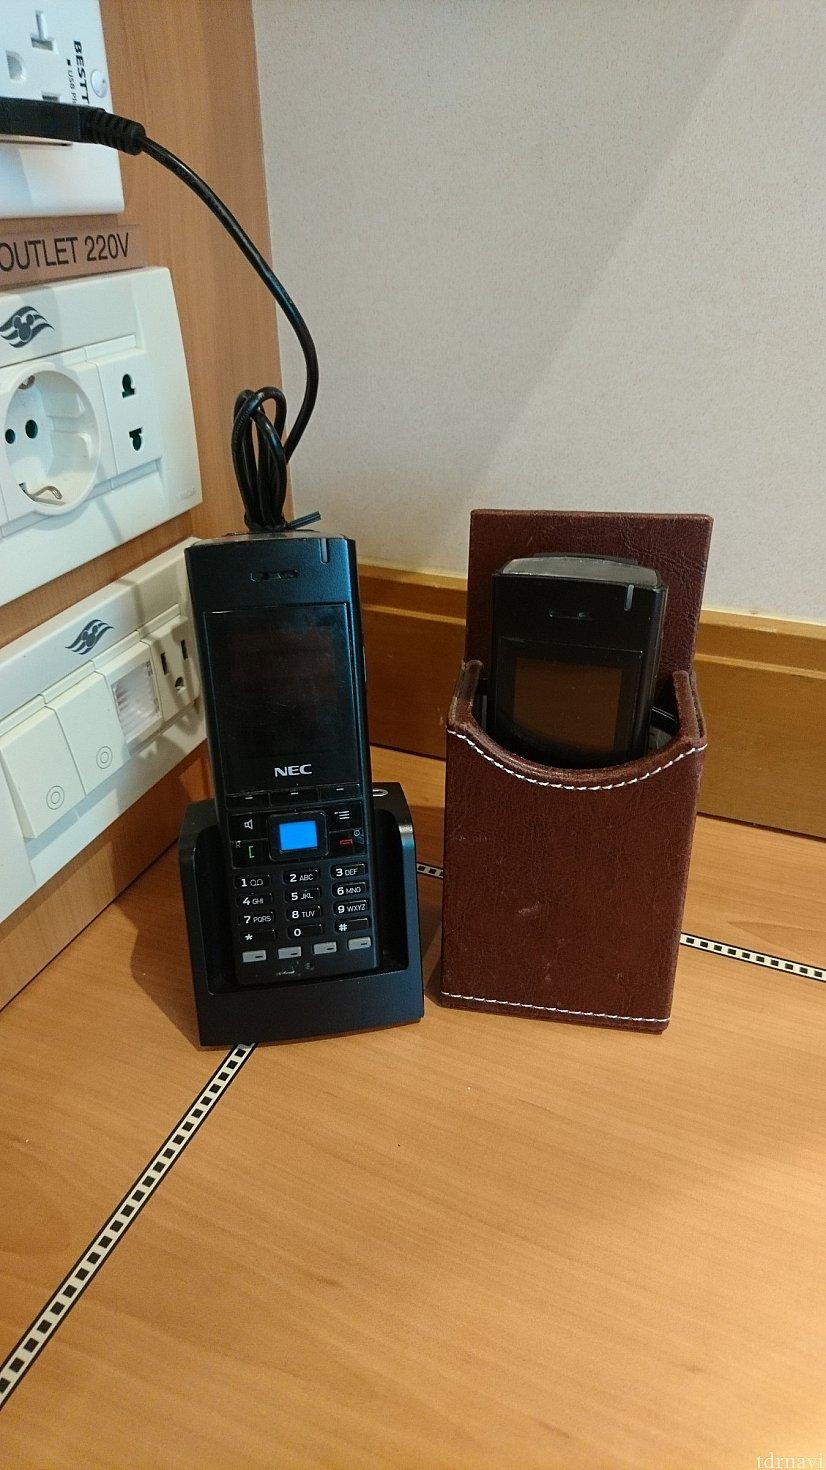 船内用の電話です。2台までは無料、3台目からは有料となります。